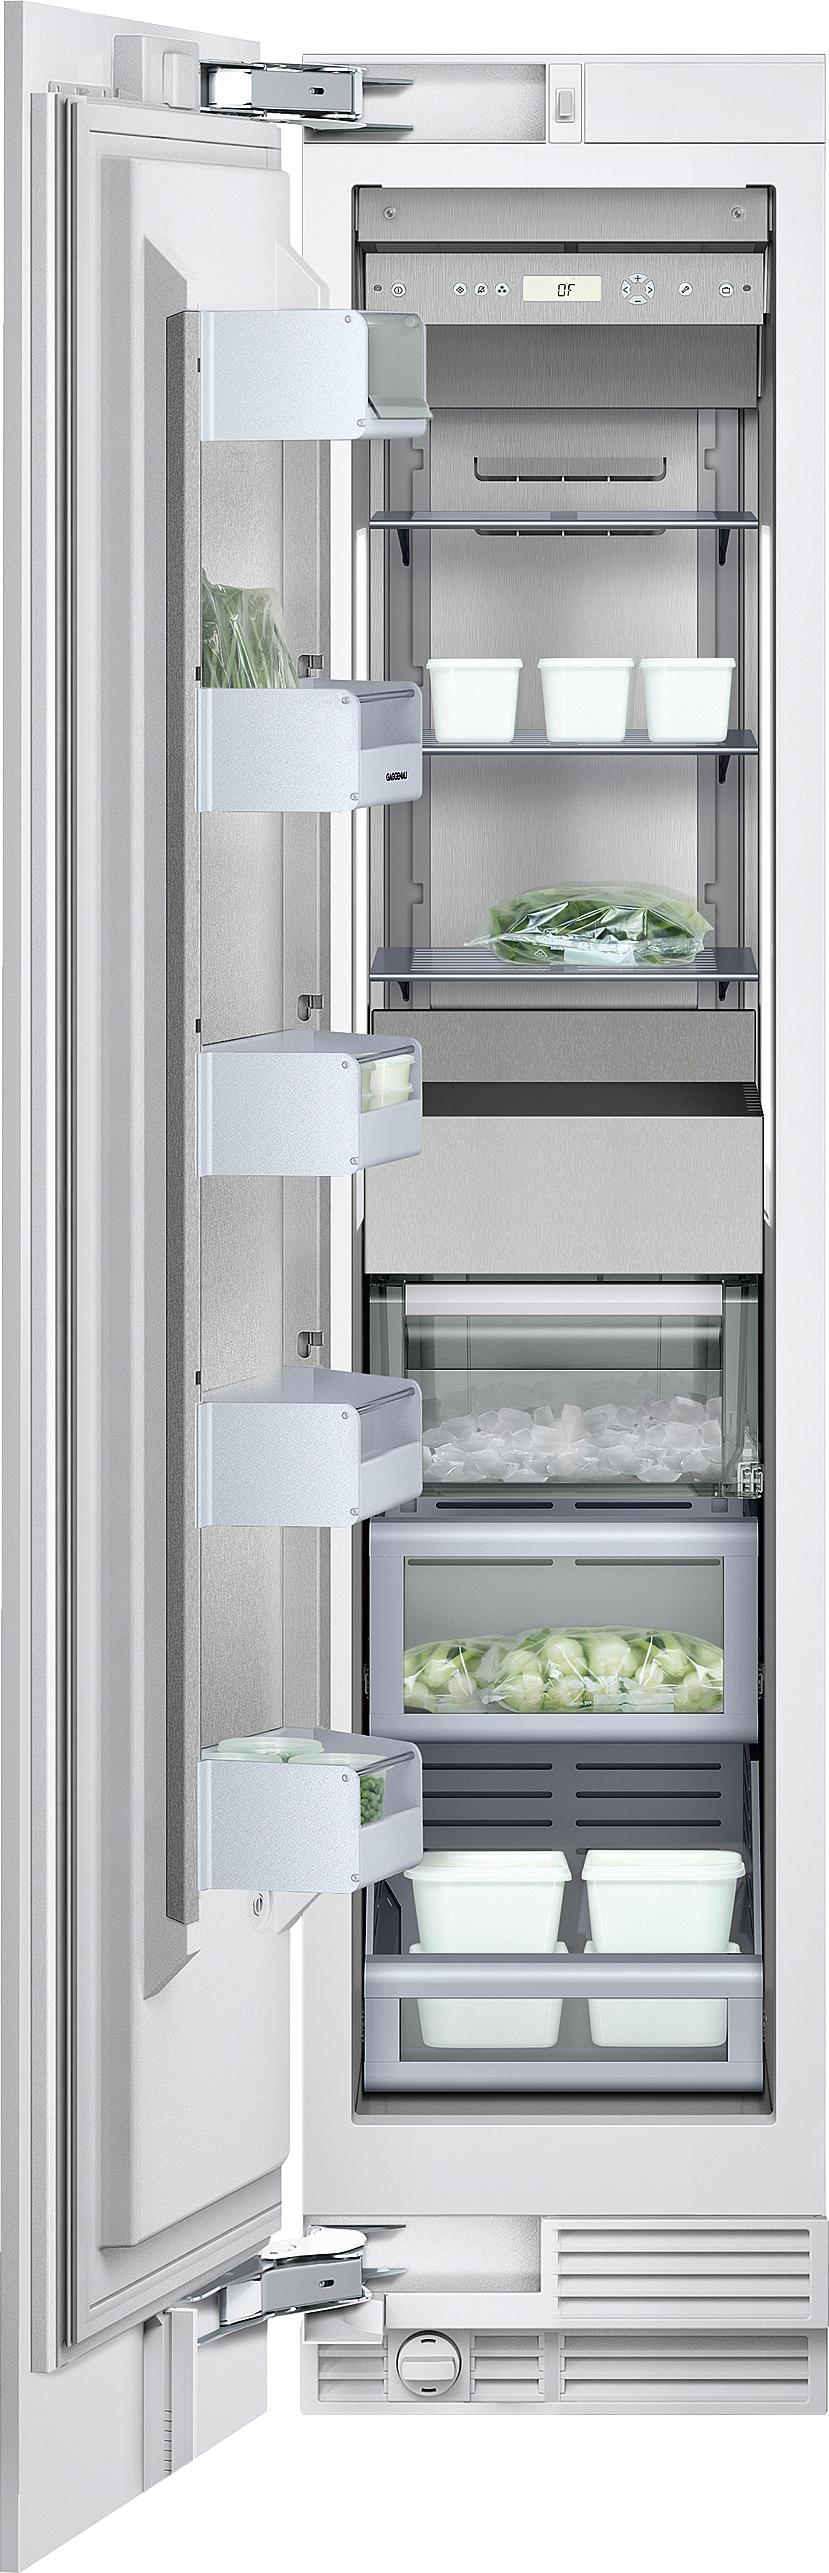 Ge Upright Freezer Manual Total Capacity 6 99 Cu Ft Freezers